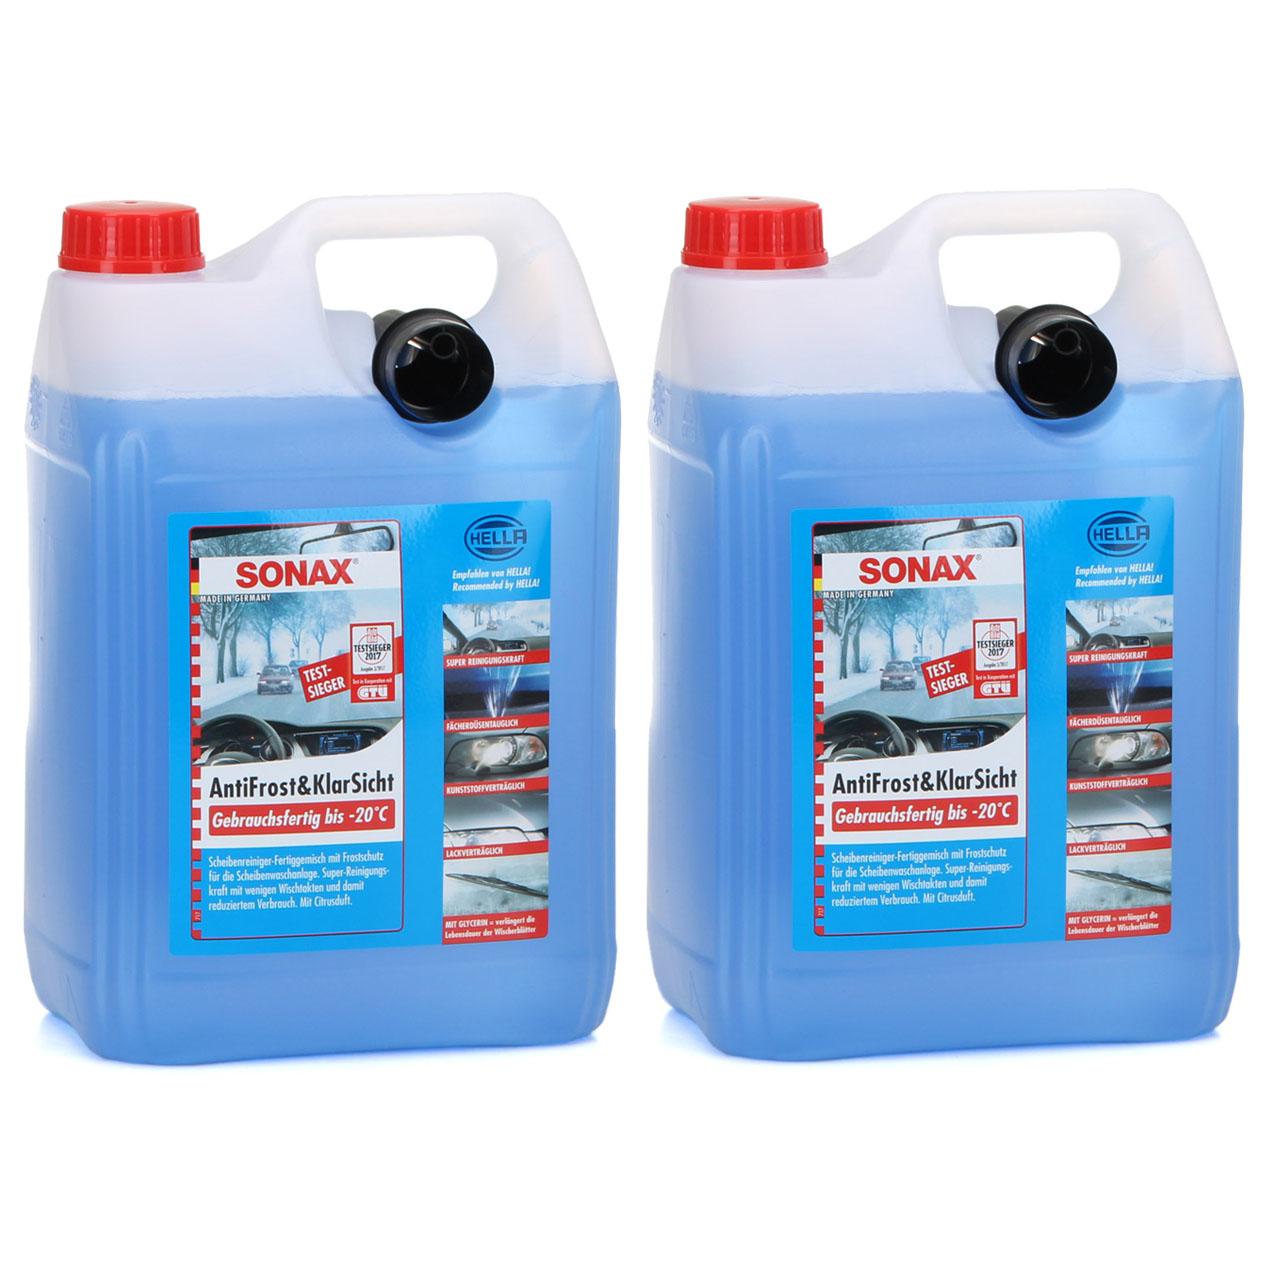 SONAX Frostschutz ANTIFROST & KLARSICHT gebrauchsfertig bis -20°C - 10L 10 Liter